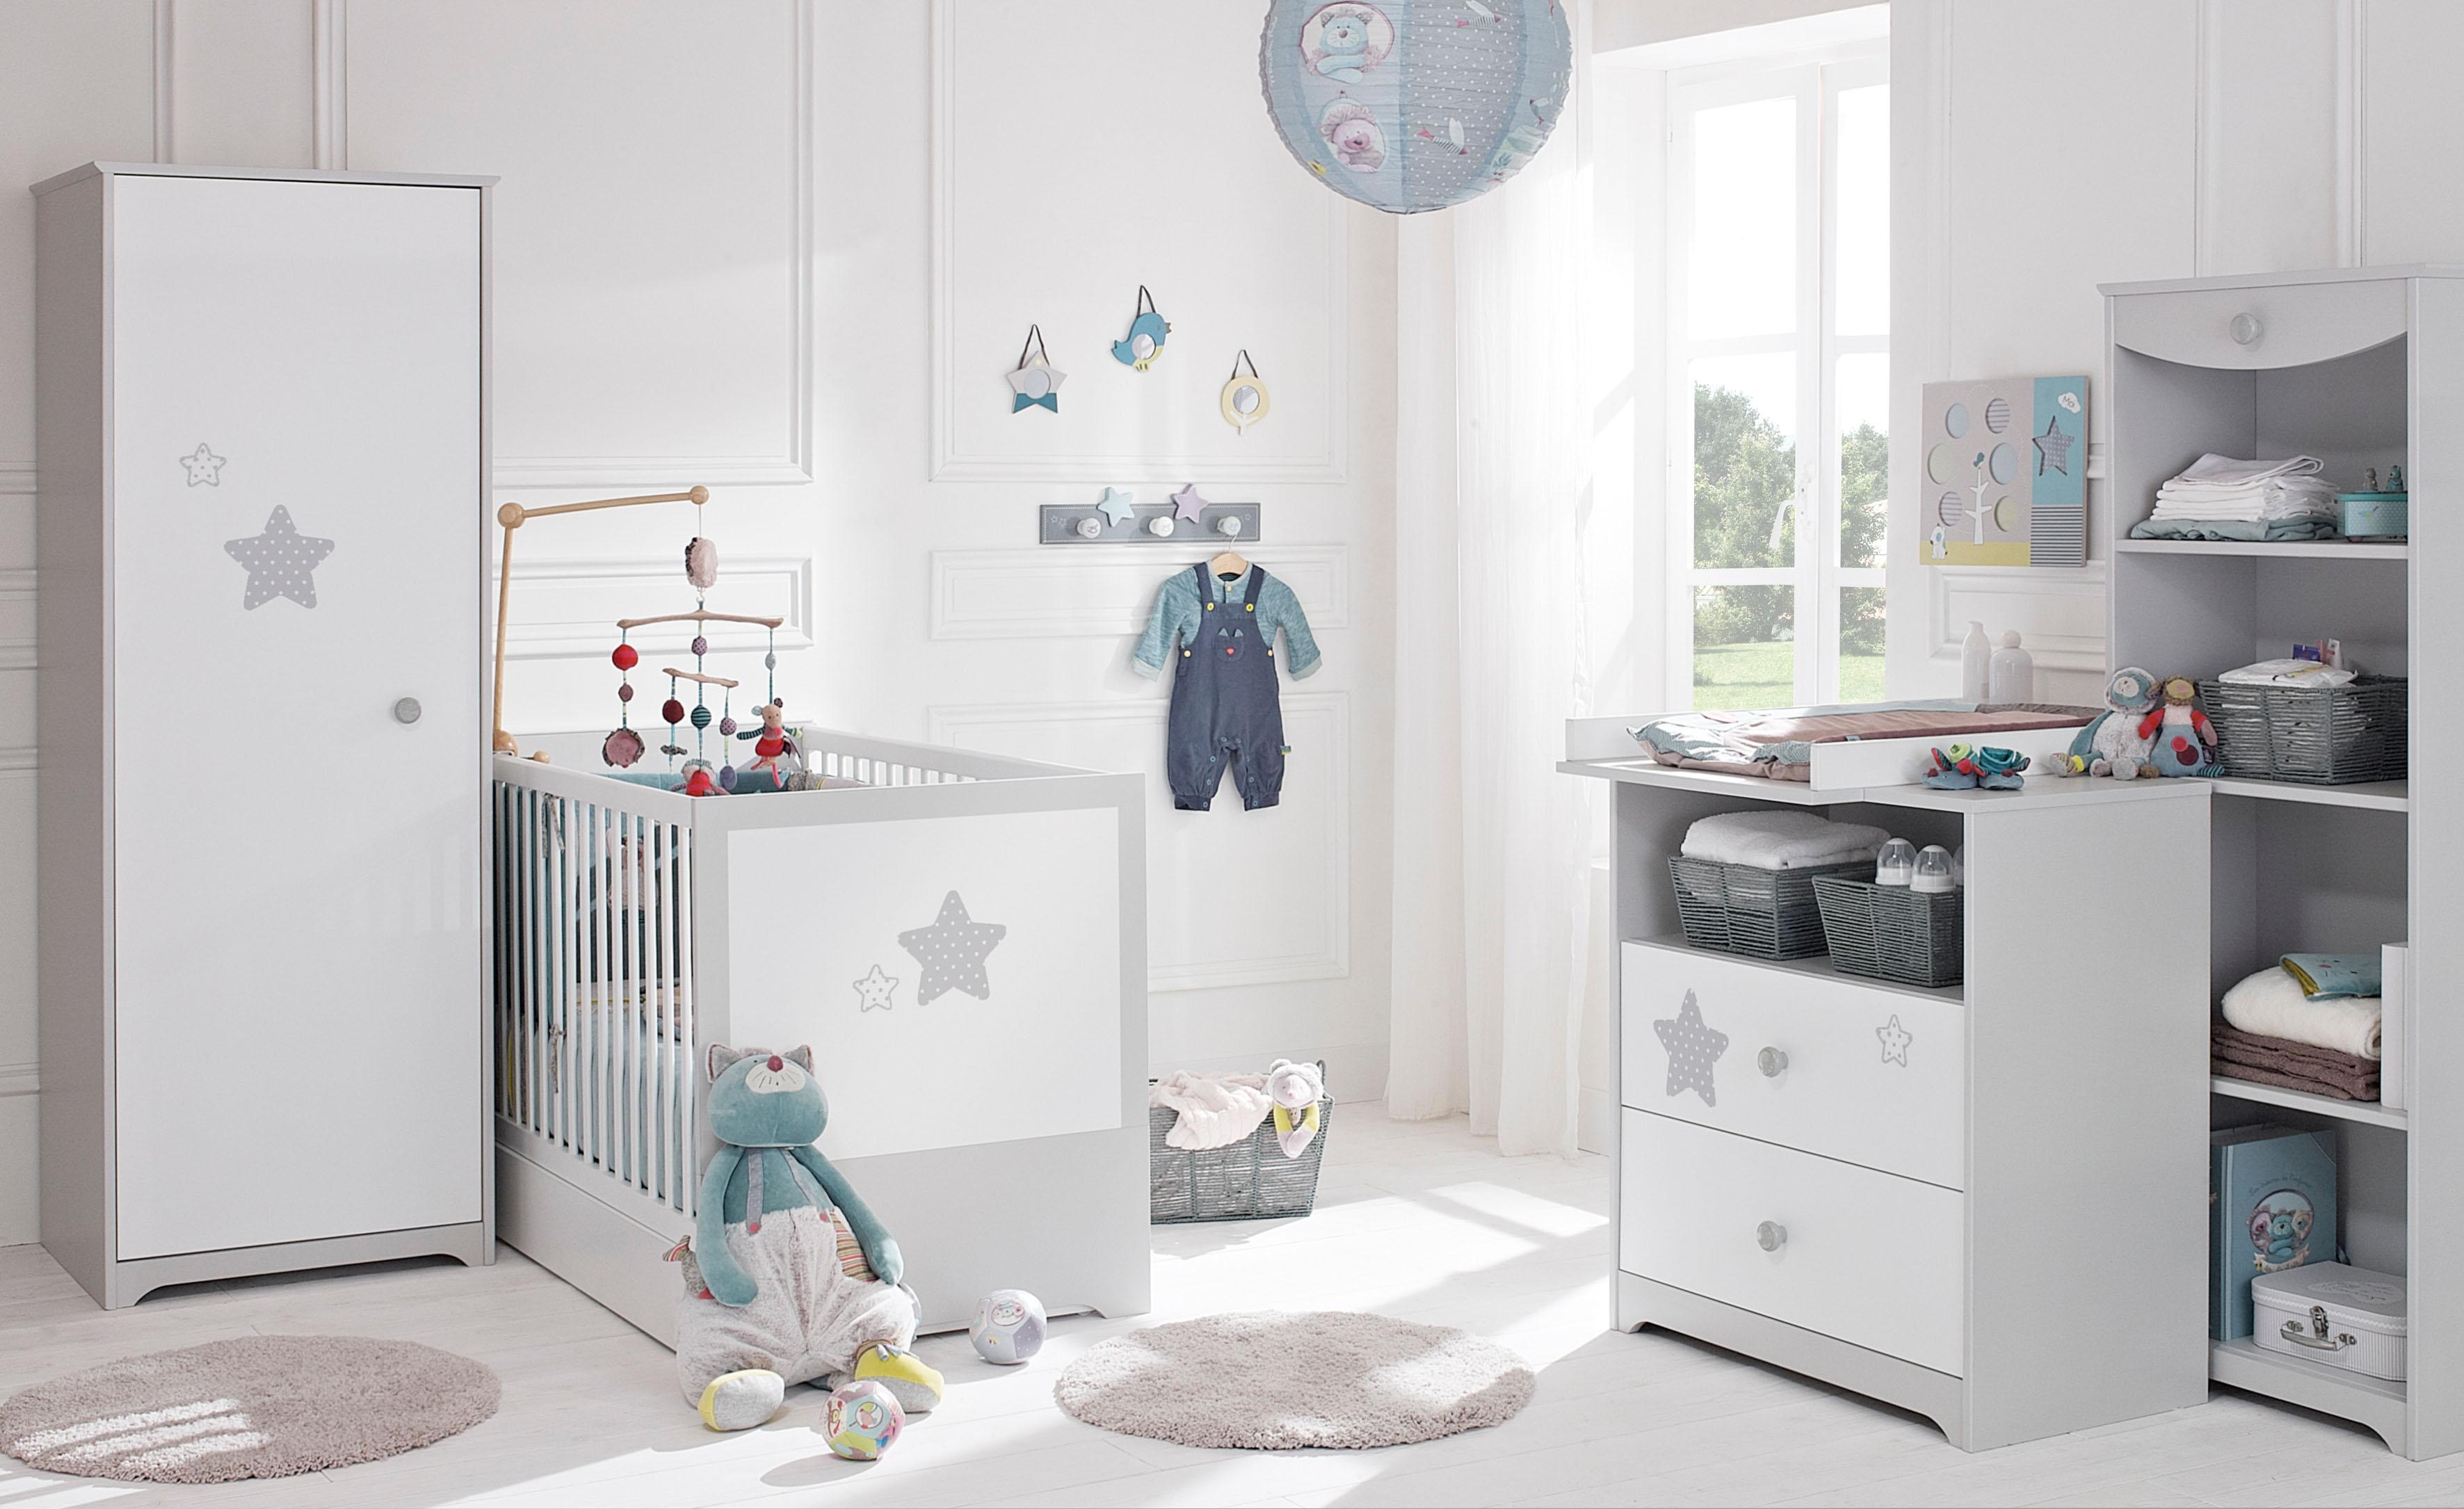 dans les coulisses de babycool paris bebe  creation chambre douce nuit